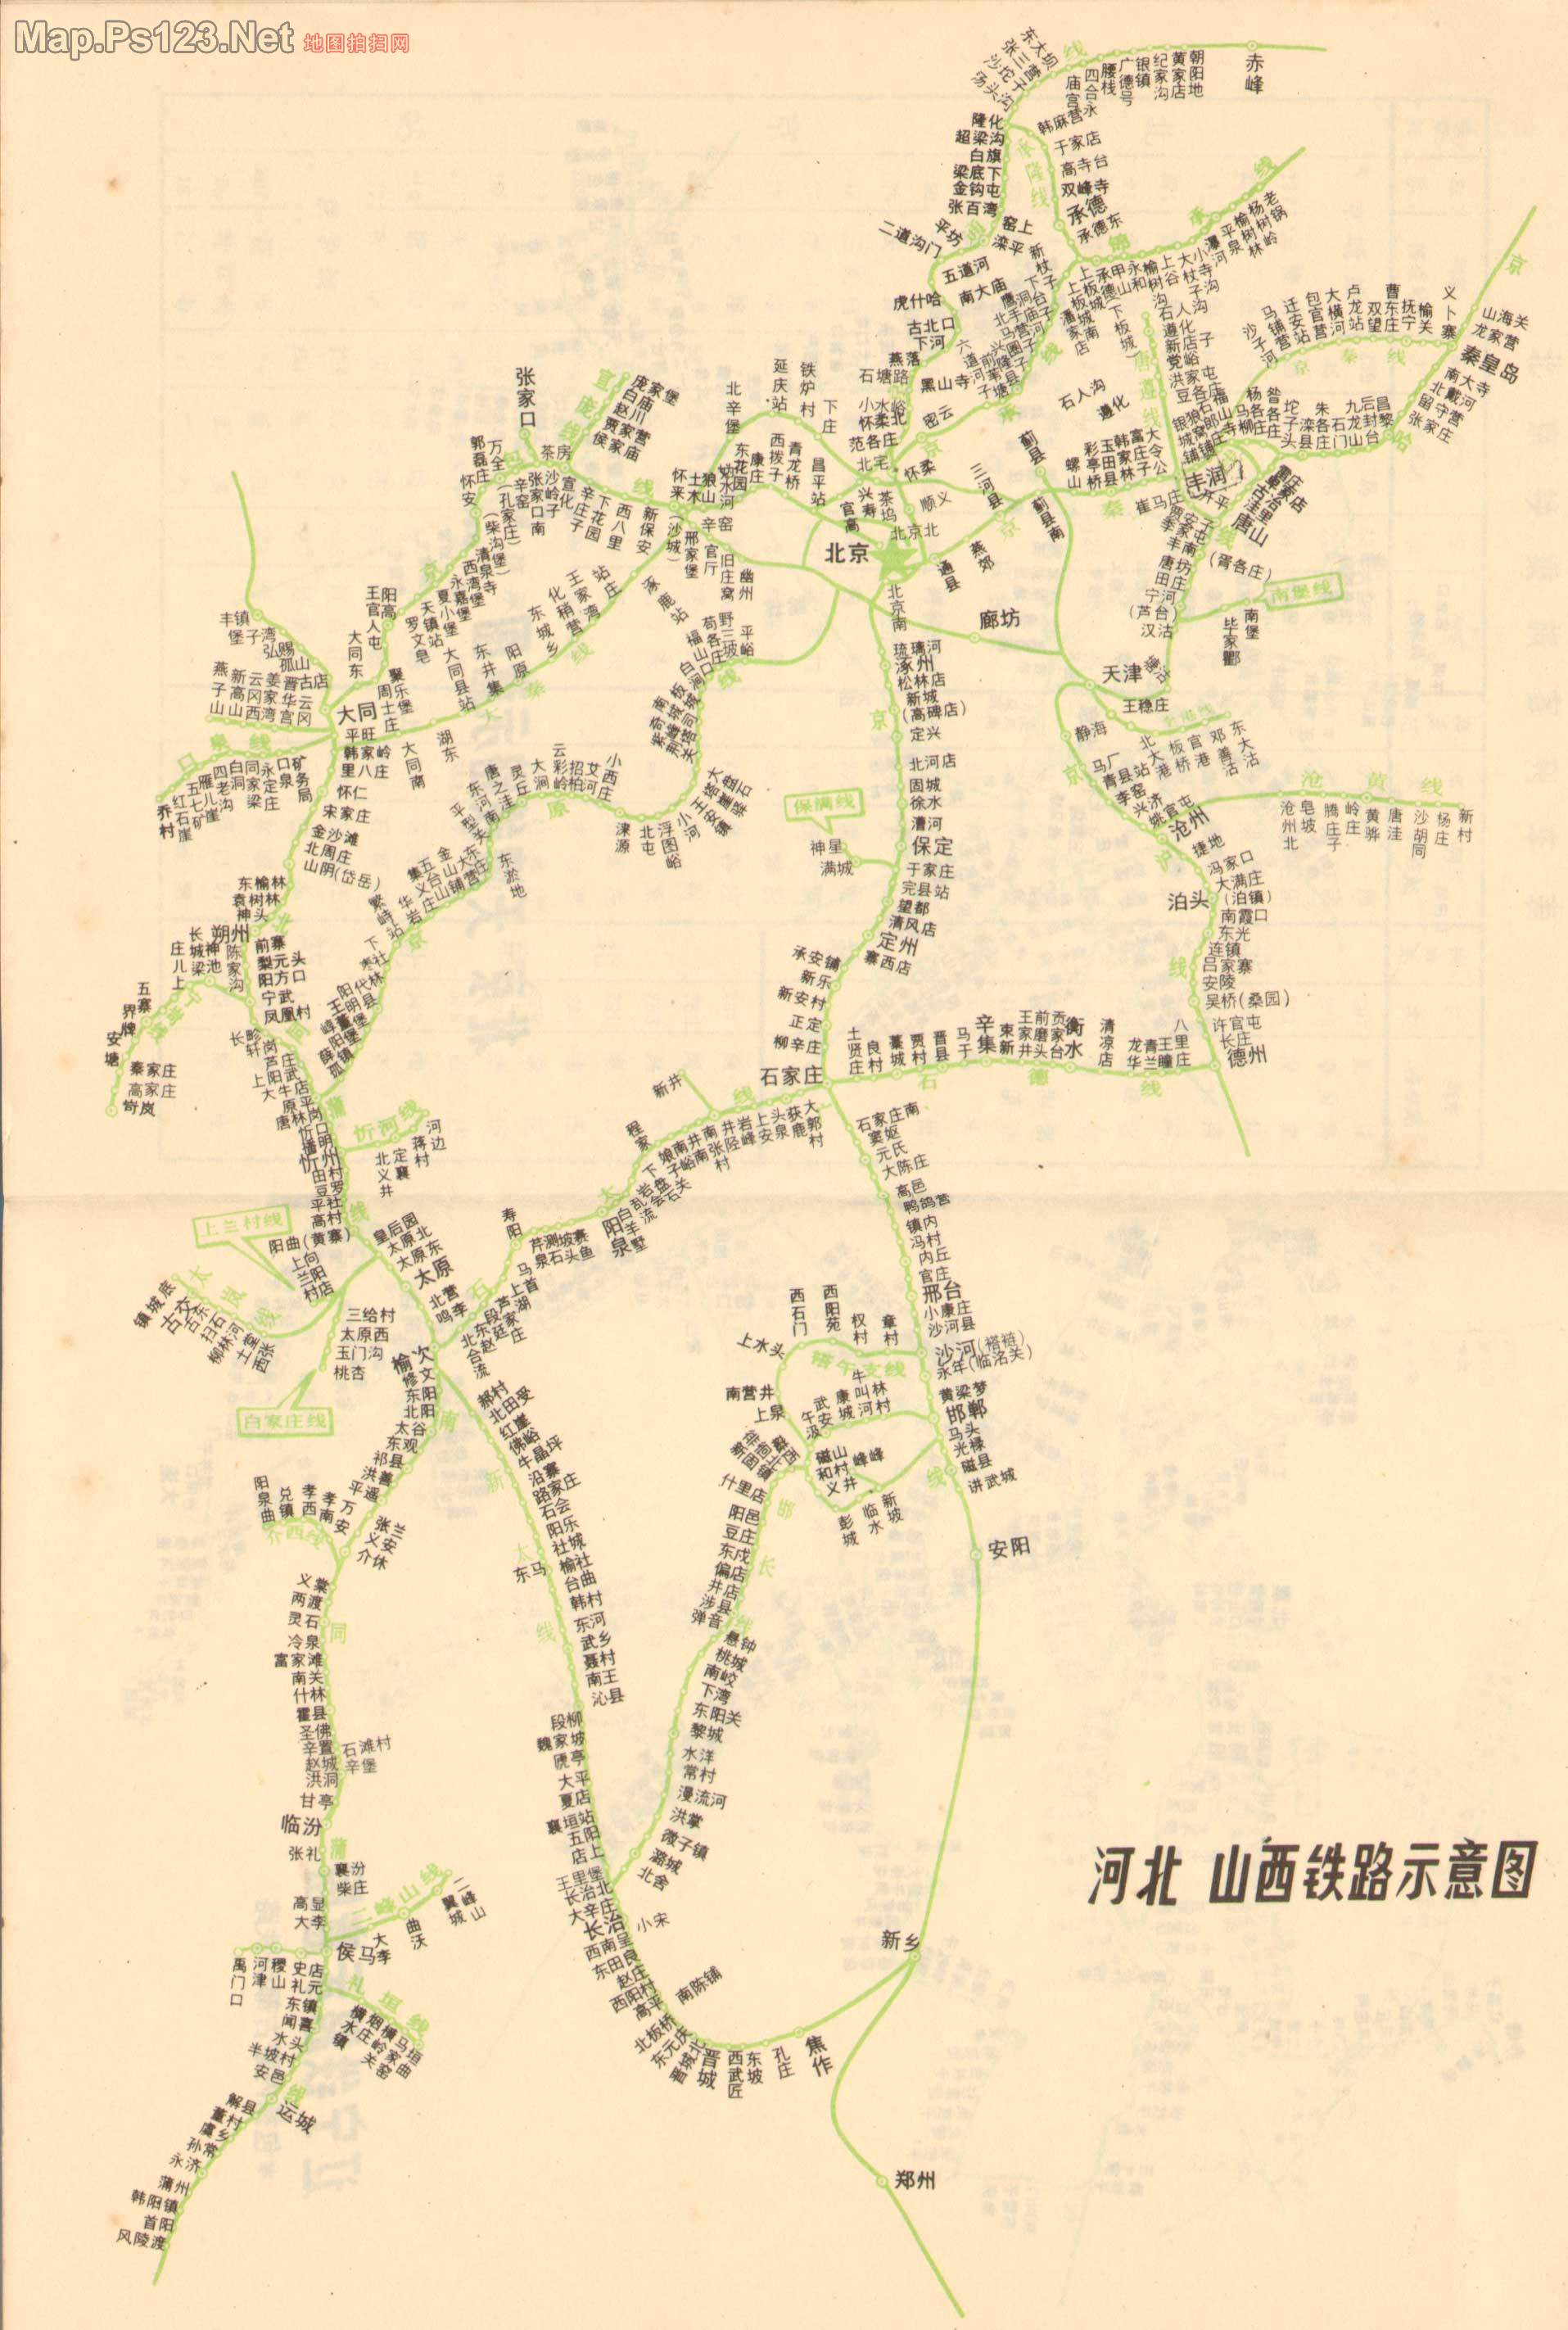 高铁线路图铁路线路图国道线路